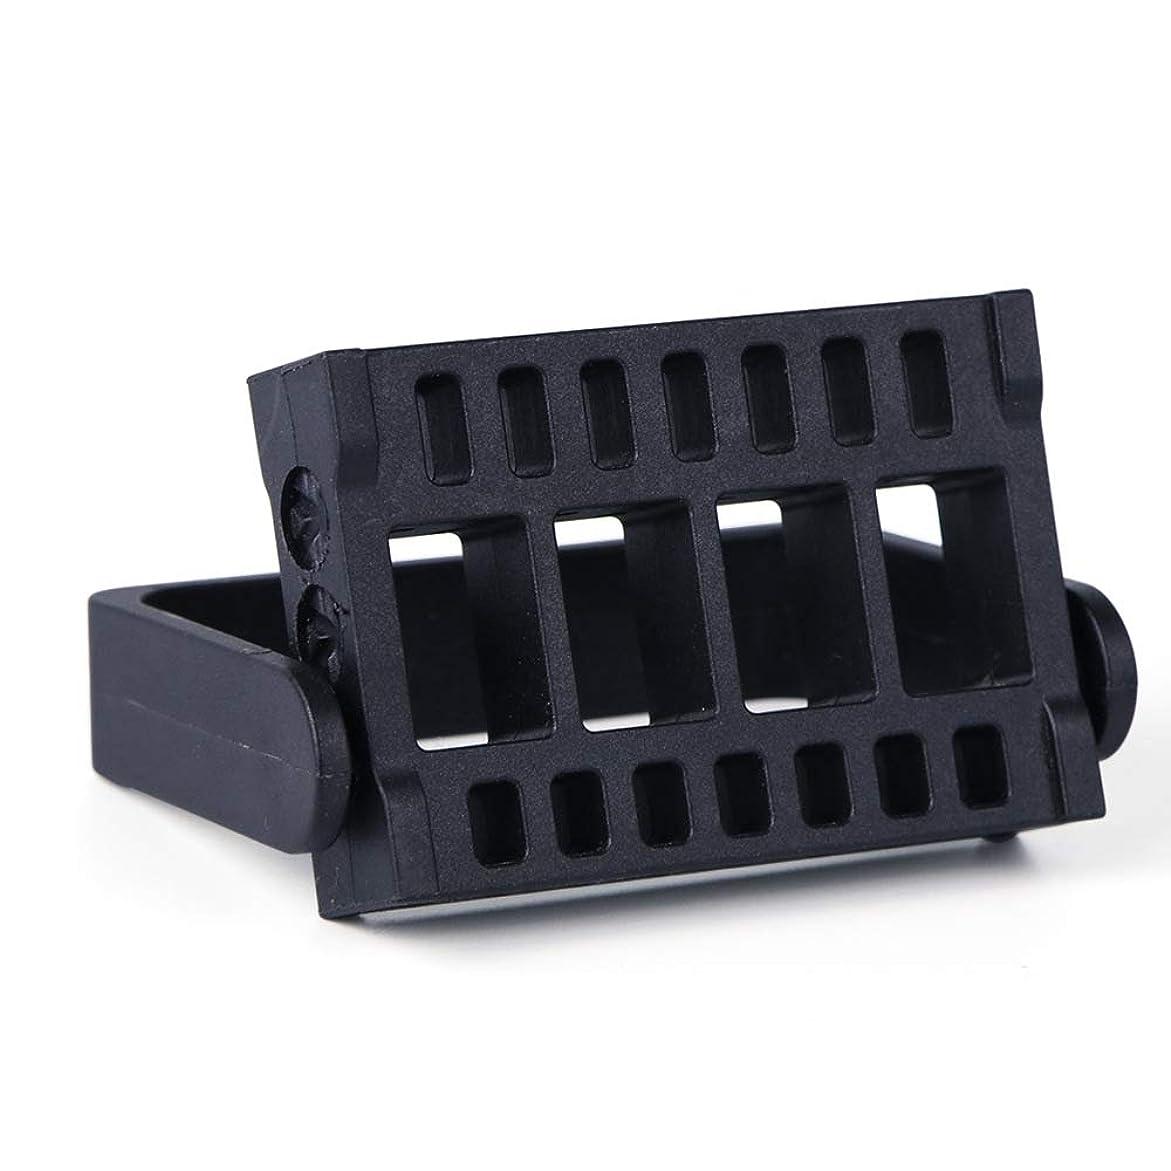 落ちた牧師言い換えると1本16穴ネイルドリルビットホルダー展示スタンドディスプレイボックス電気ネイルファイルコンテナマニキュアツール